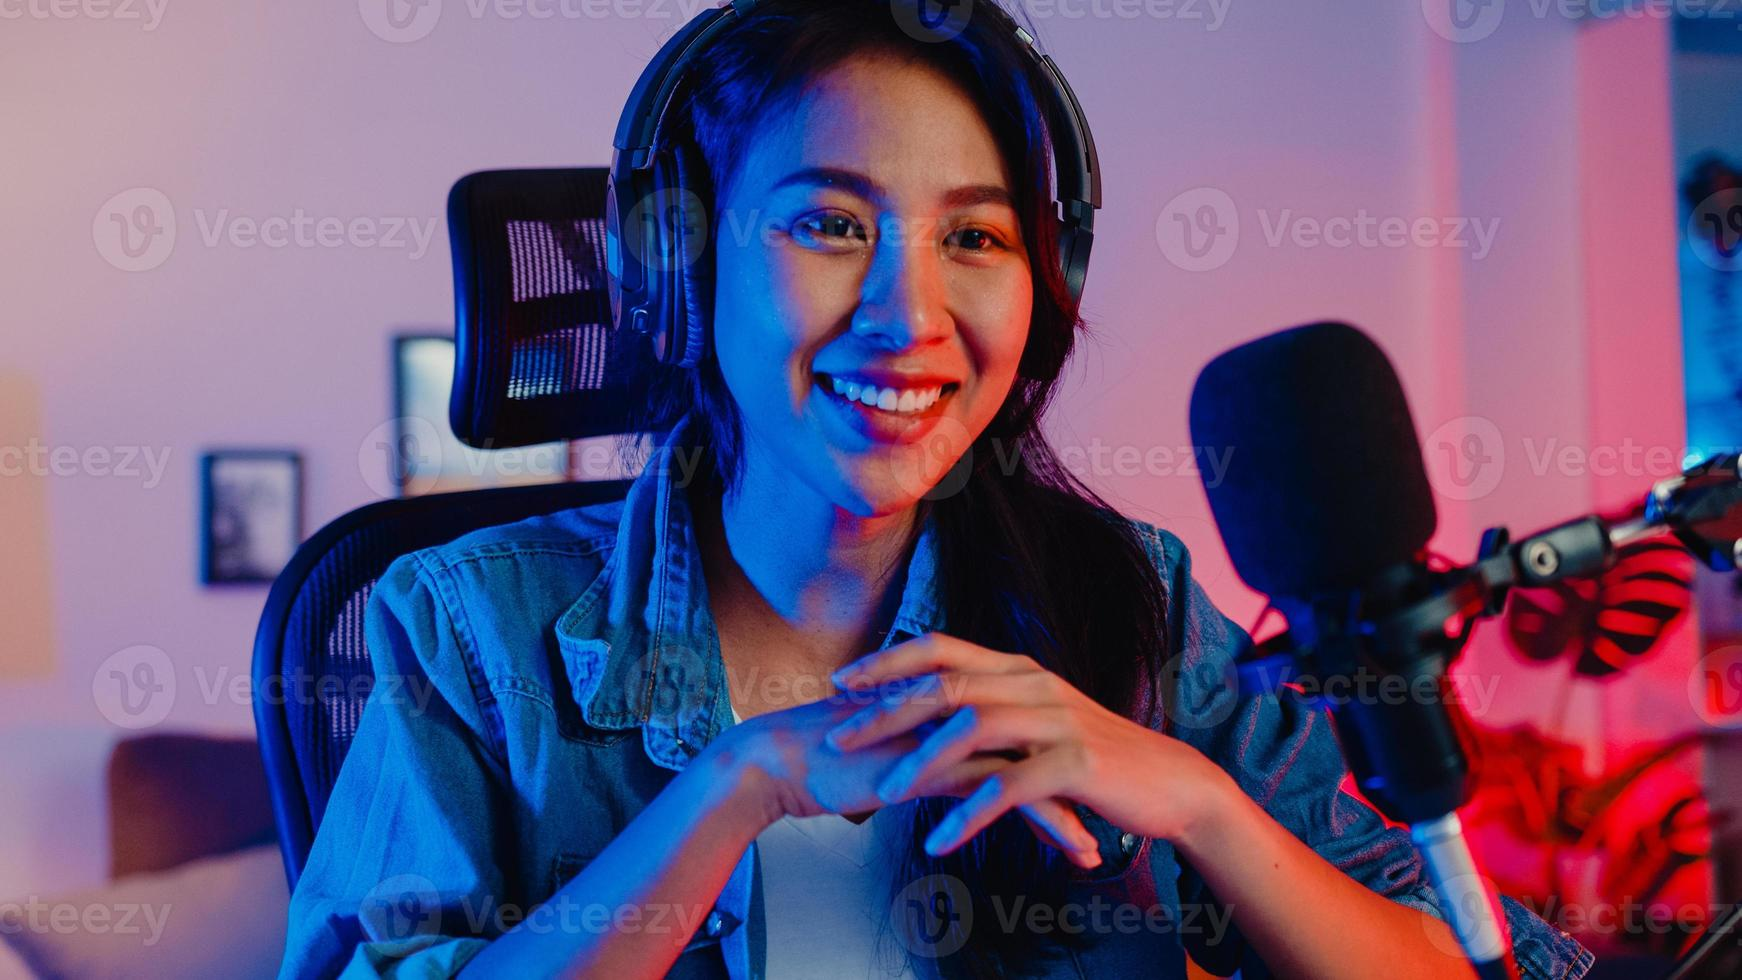 Happy Asia Girl Blogger Music Influencer mit Blick auf die Kamera-Sendungsaufzeichnung tragen Kopfhörer online Live-Gespräch im Mikrofon mit Publikum im Wohnzimmer-Heimstudio in der Nacht. Inhaltsersteller-Konzept. foto